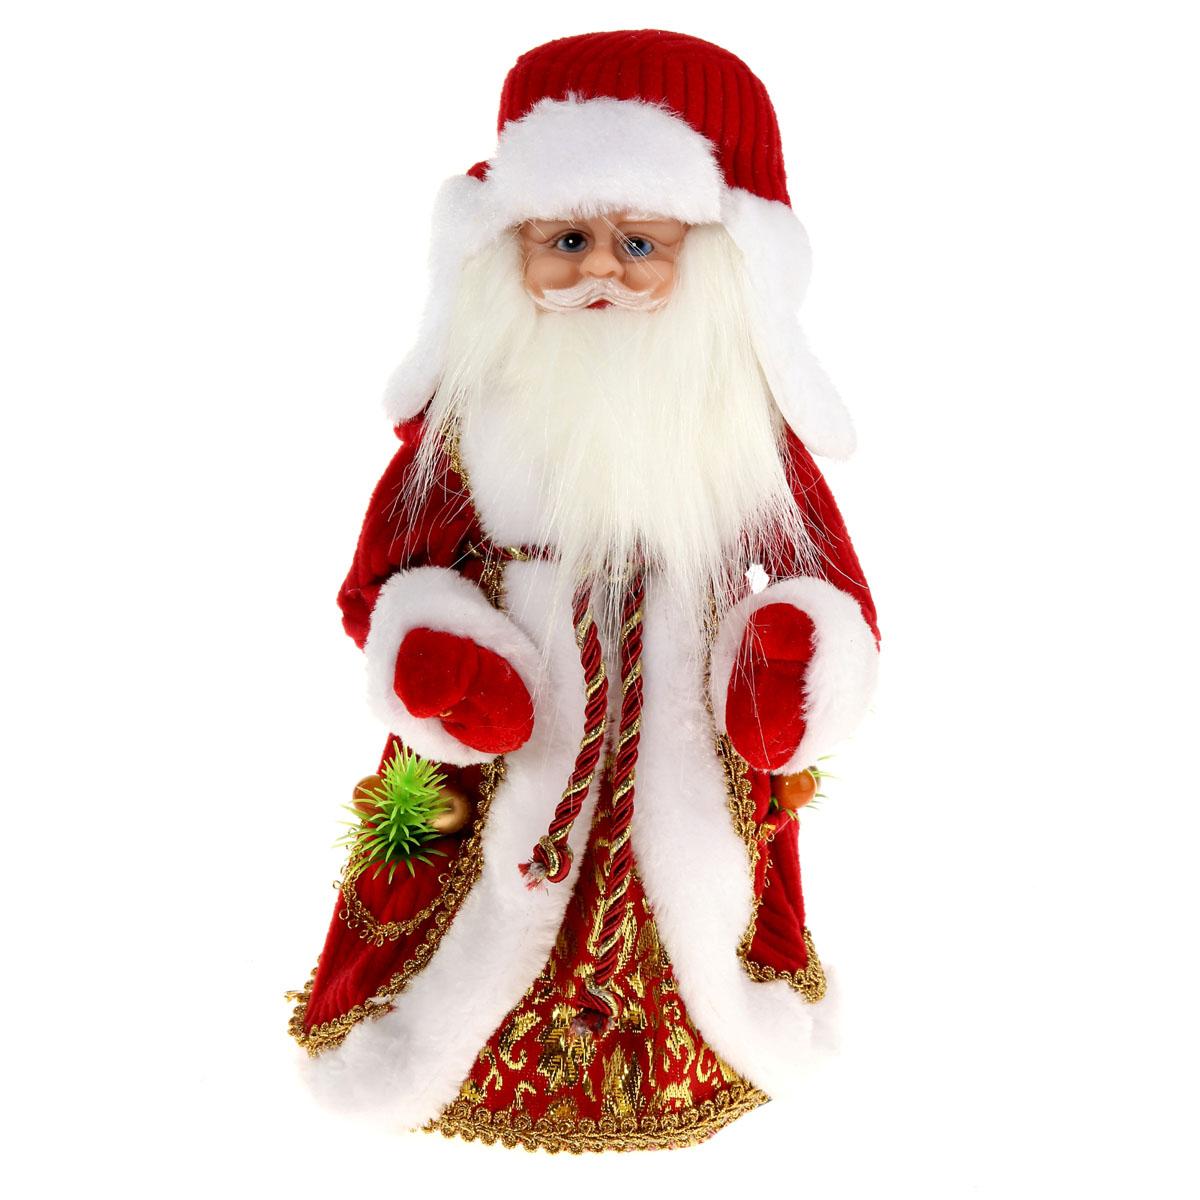 Новогодняя декоративная фигурка Sima-land Дед Мороз, анимированная, высота 30 см. 827842 дед мороз в синем 30 см мех муз песня в лесу родилась елочка